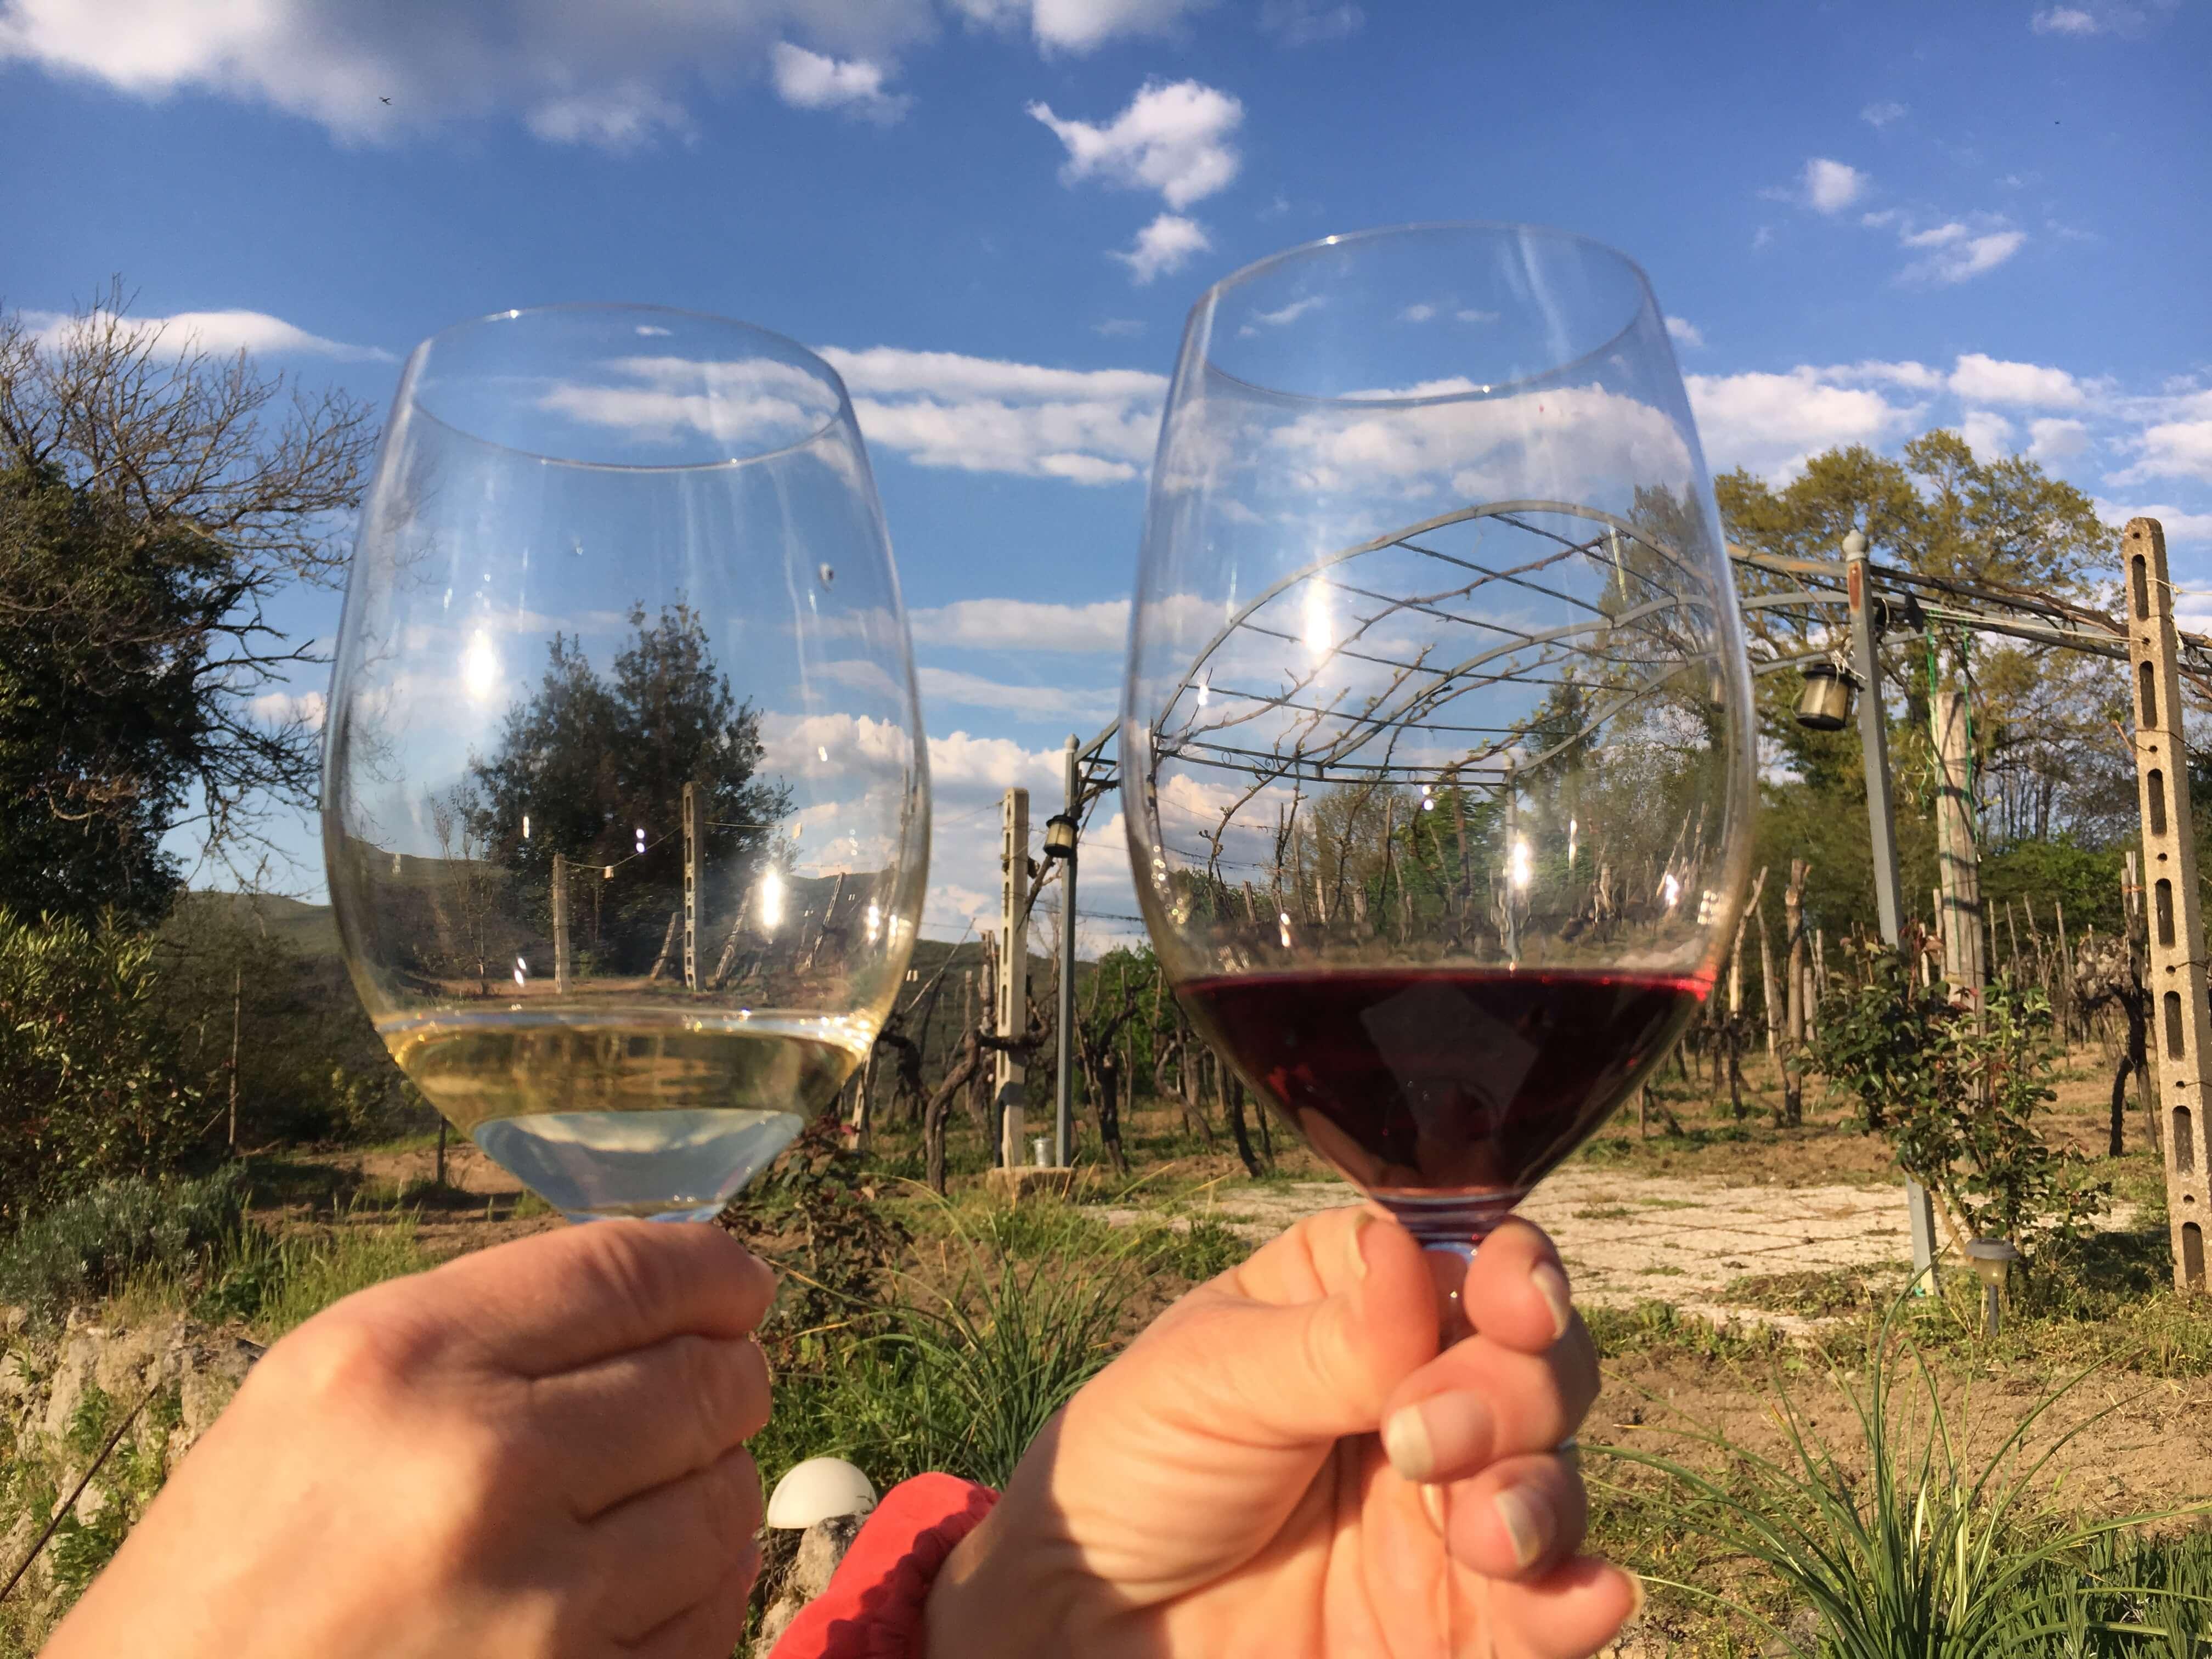 Anne Fredrikstad smaker på egen vin. Den røde og den hvite vinen. Vingården, Acquapendente, Italia.